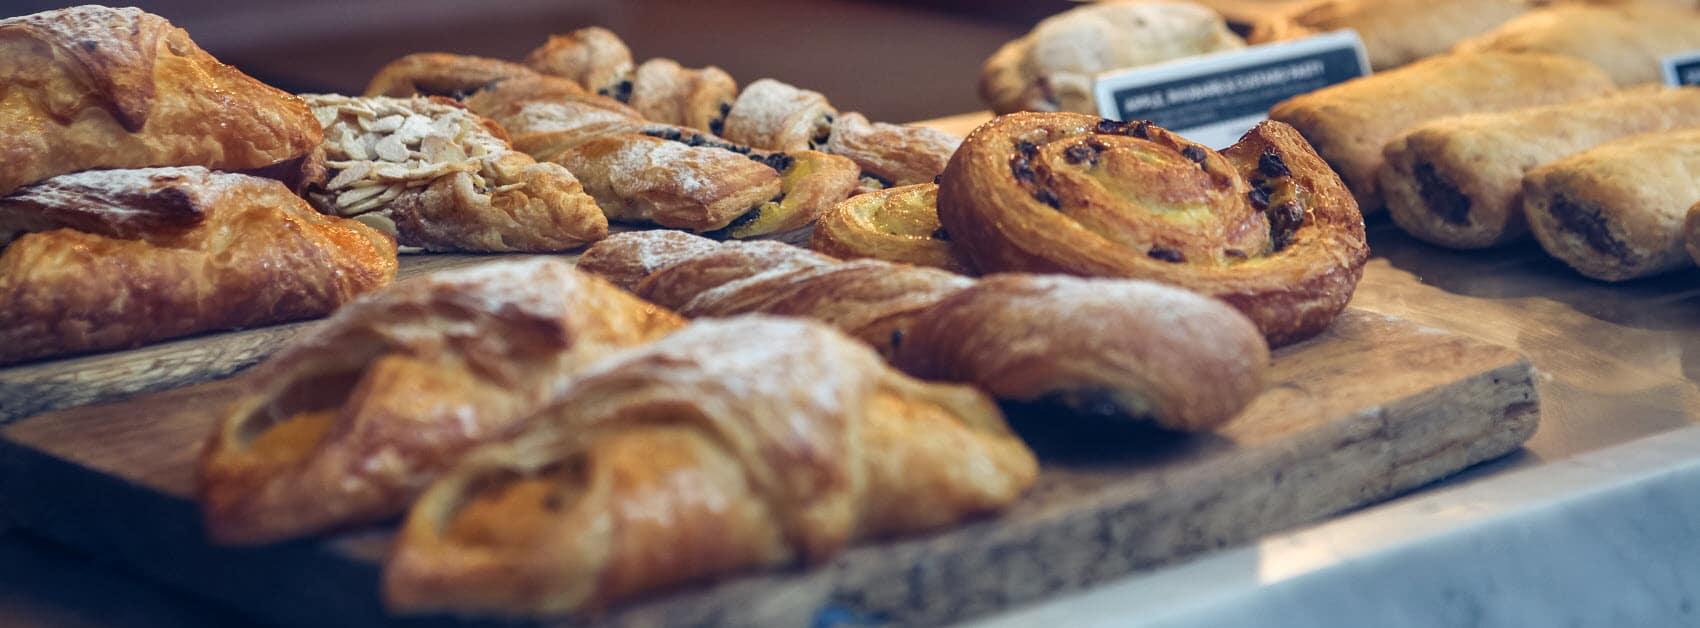 Delicious Bakeries near Marlboro NJ